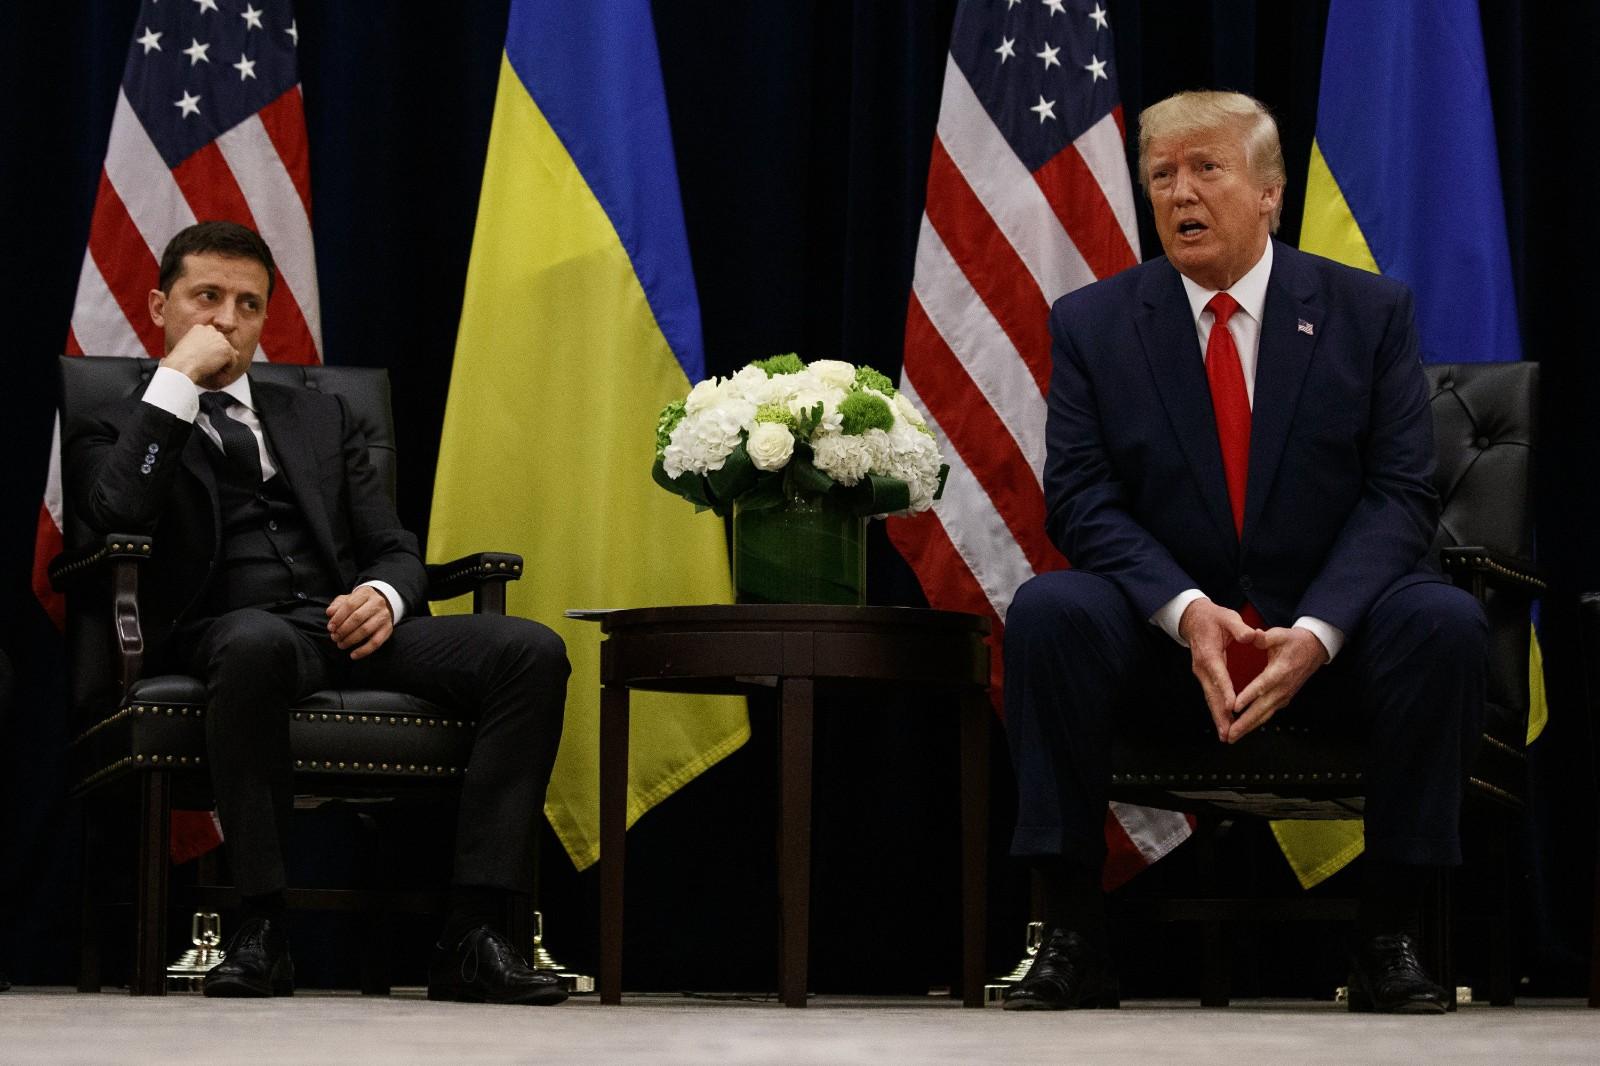 白宫试图隐藏特朗普与外国领导人的通话记录,可能将破坏美国安全